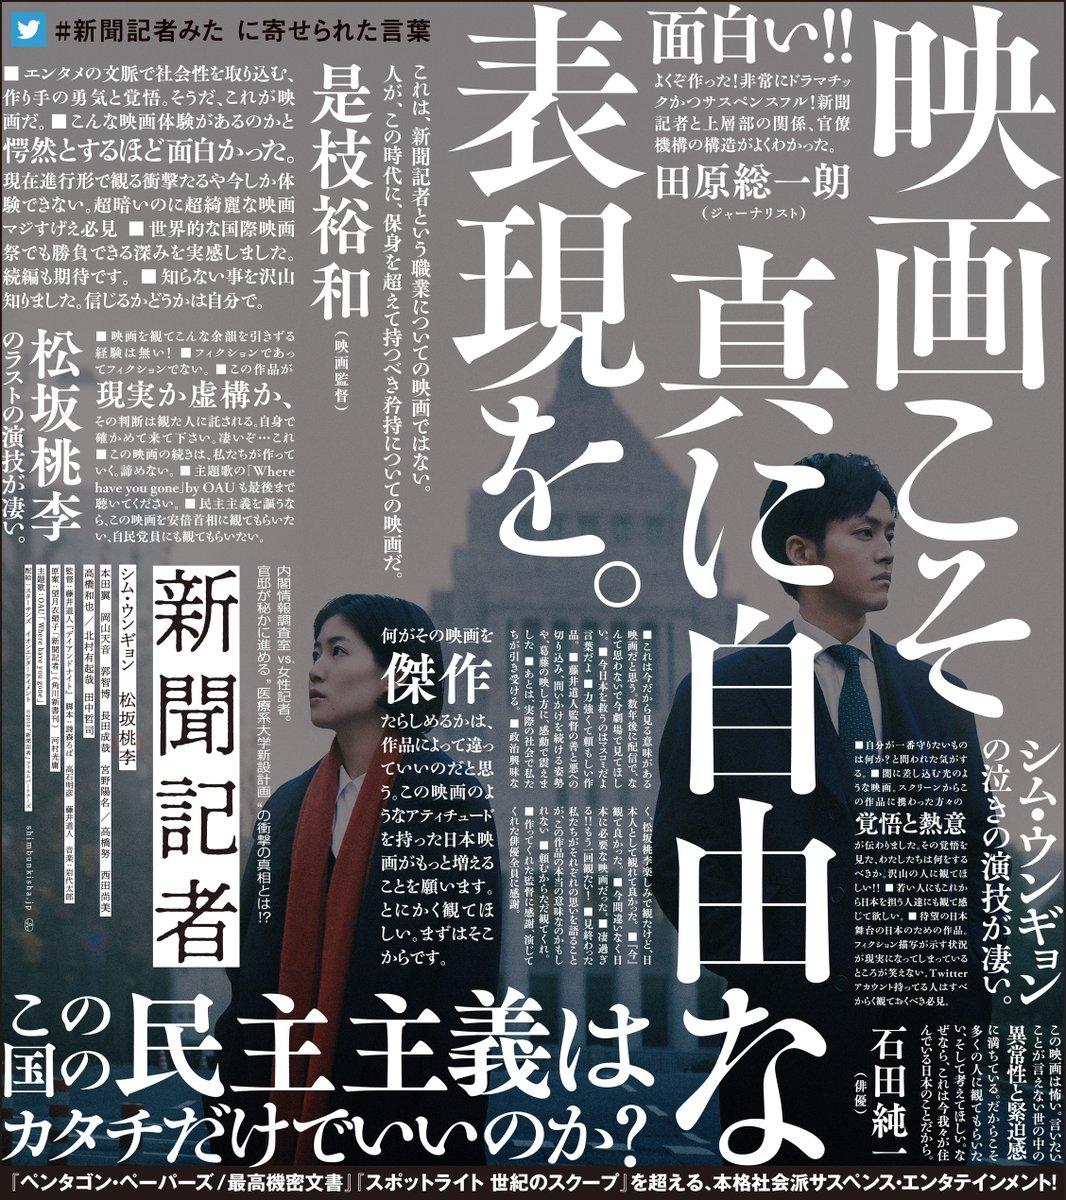 f:id:yoshikiyachi:20190714192400j:plain